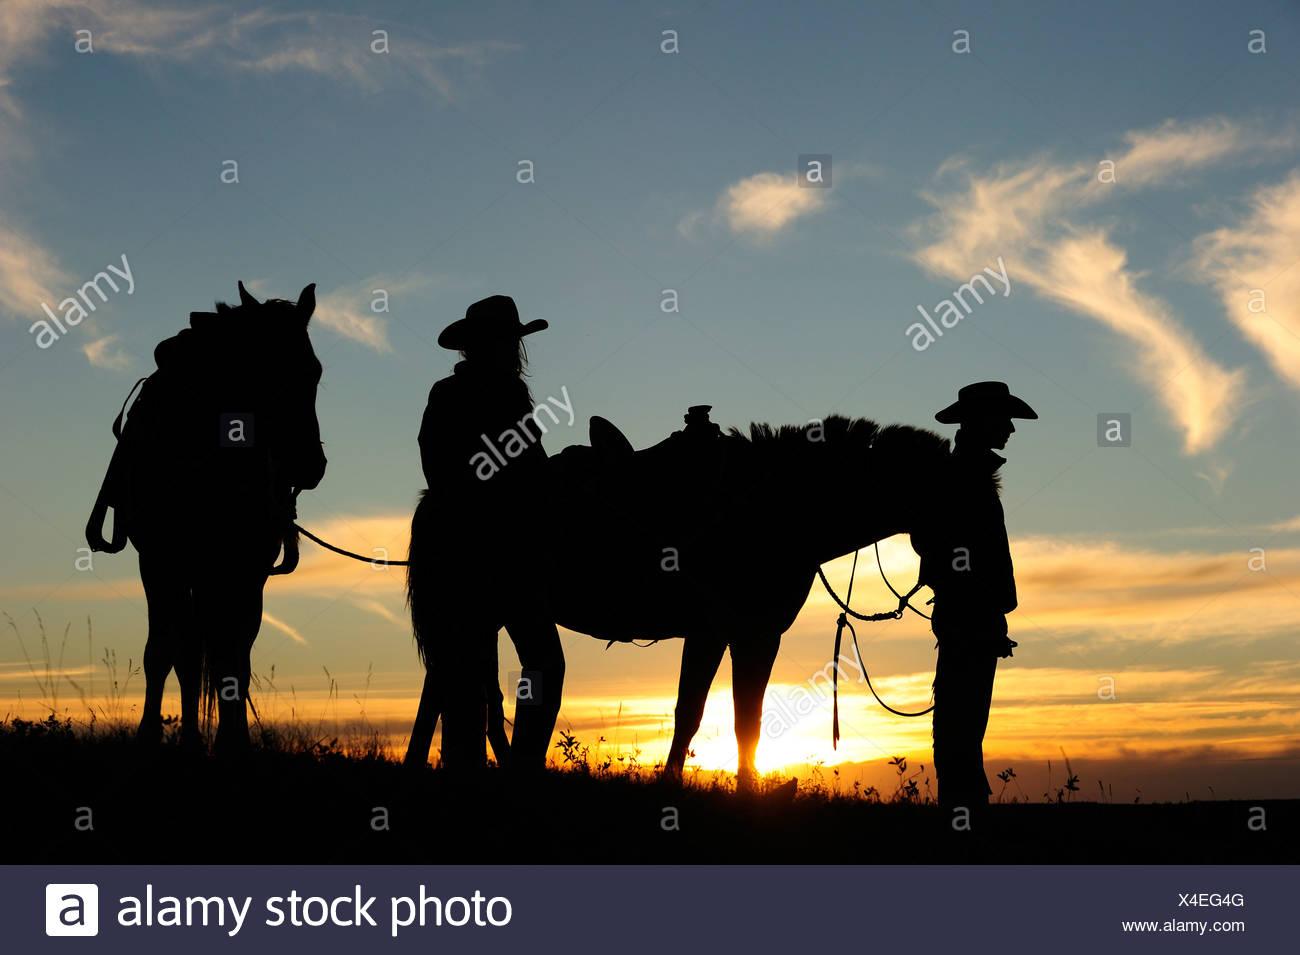 Cowgirl und Cowboy mit Pferden bei Sonnenuntergang, Saskatchewan, Kanada, Nordamerika Stockfoto